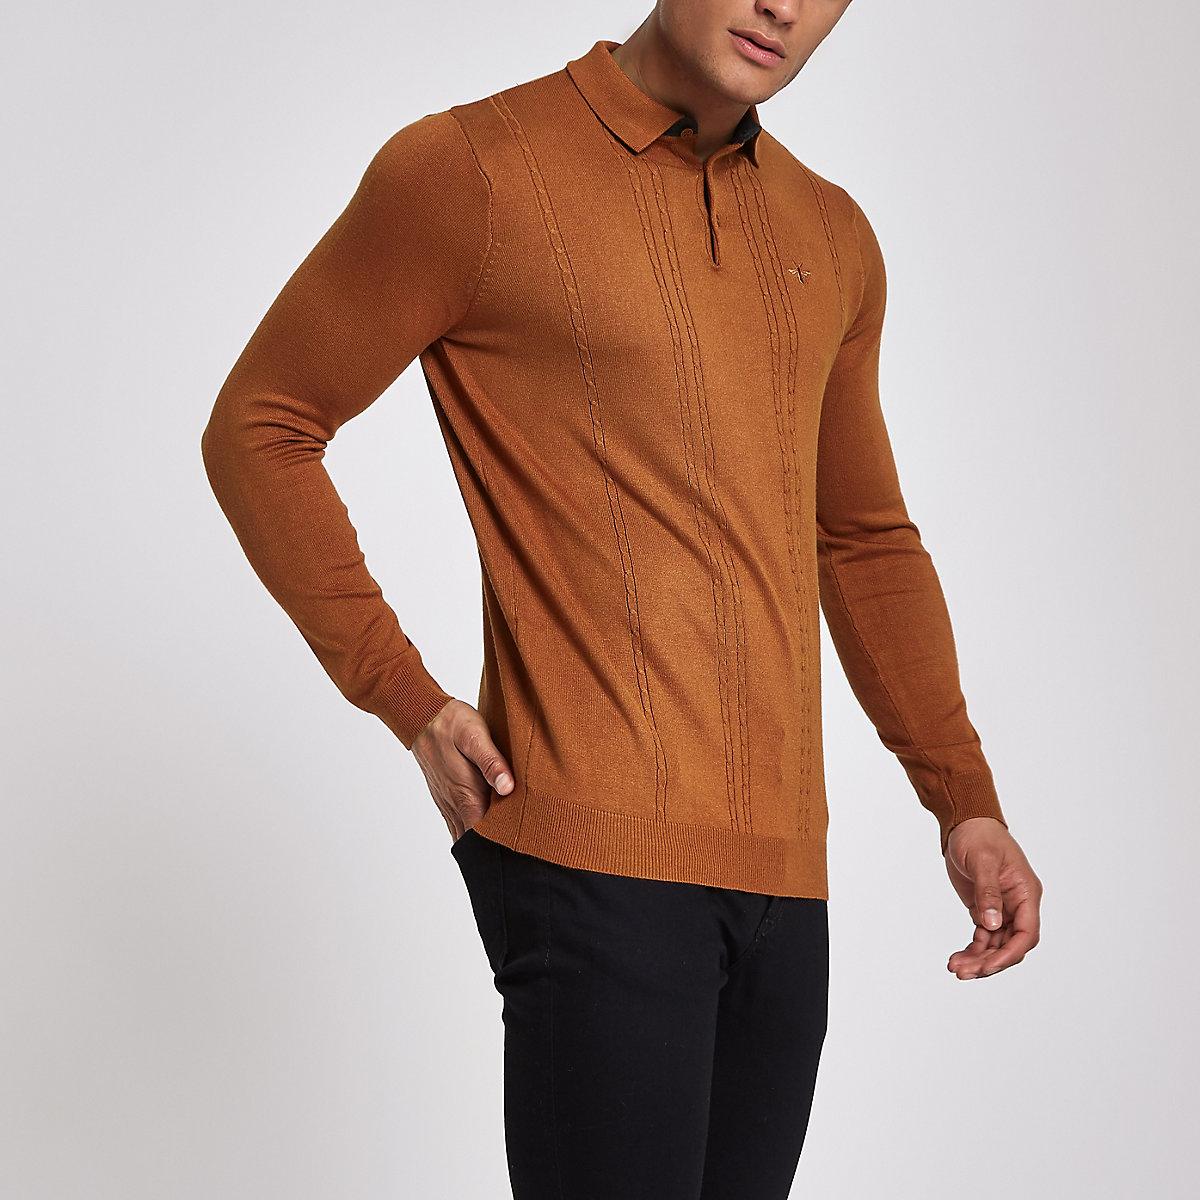 Polo slim torsadé marron à manches longues